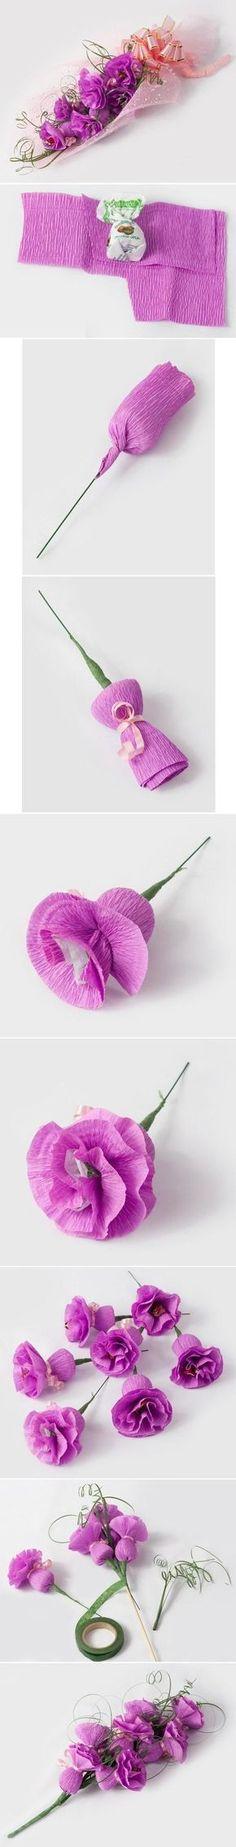 Süßigkeiten in Blumen verwandeln